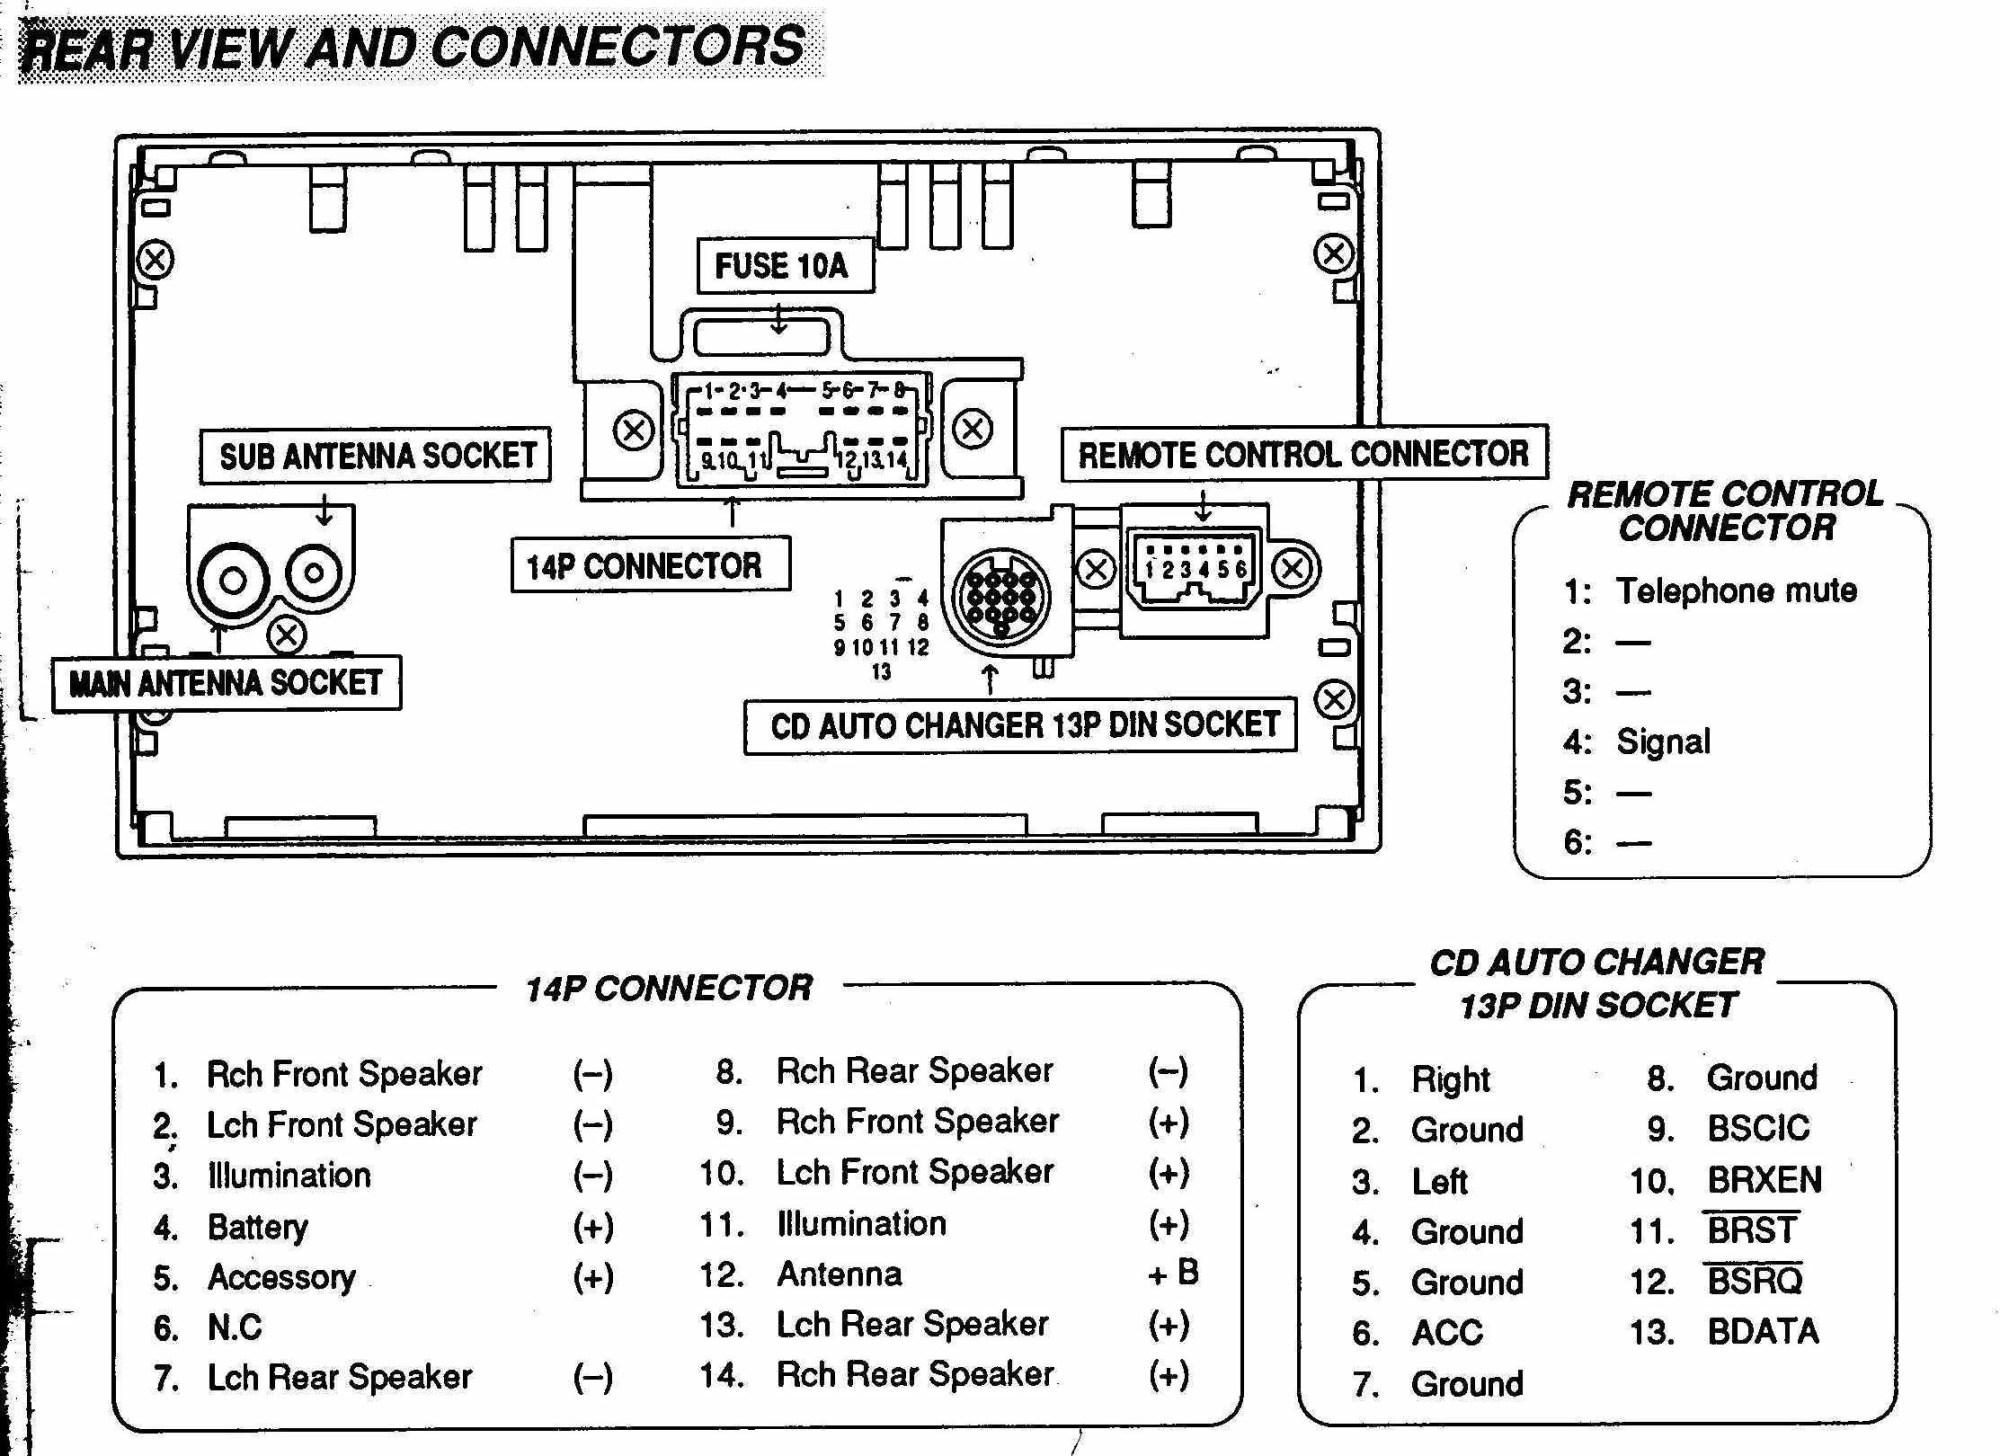 hight resolution of 2001 ford taurus radio wiring diagram wiring diagram moreover 2001 mitsubishi eclipse radio wiring diagram of